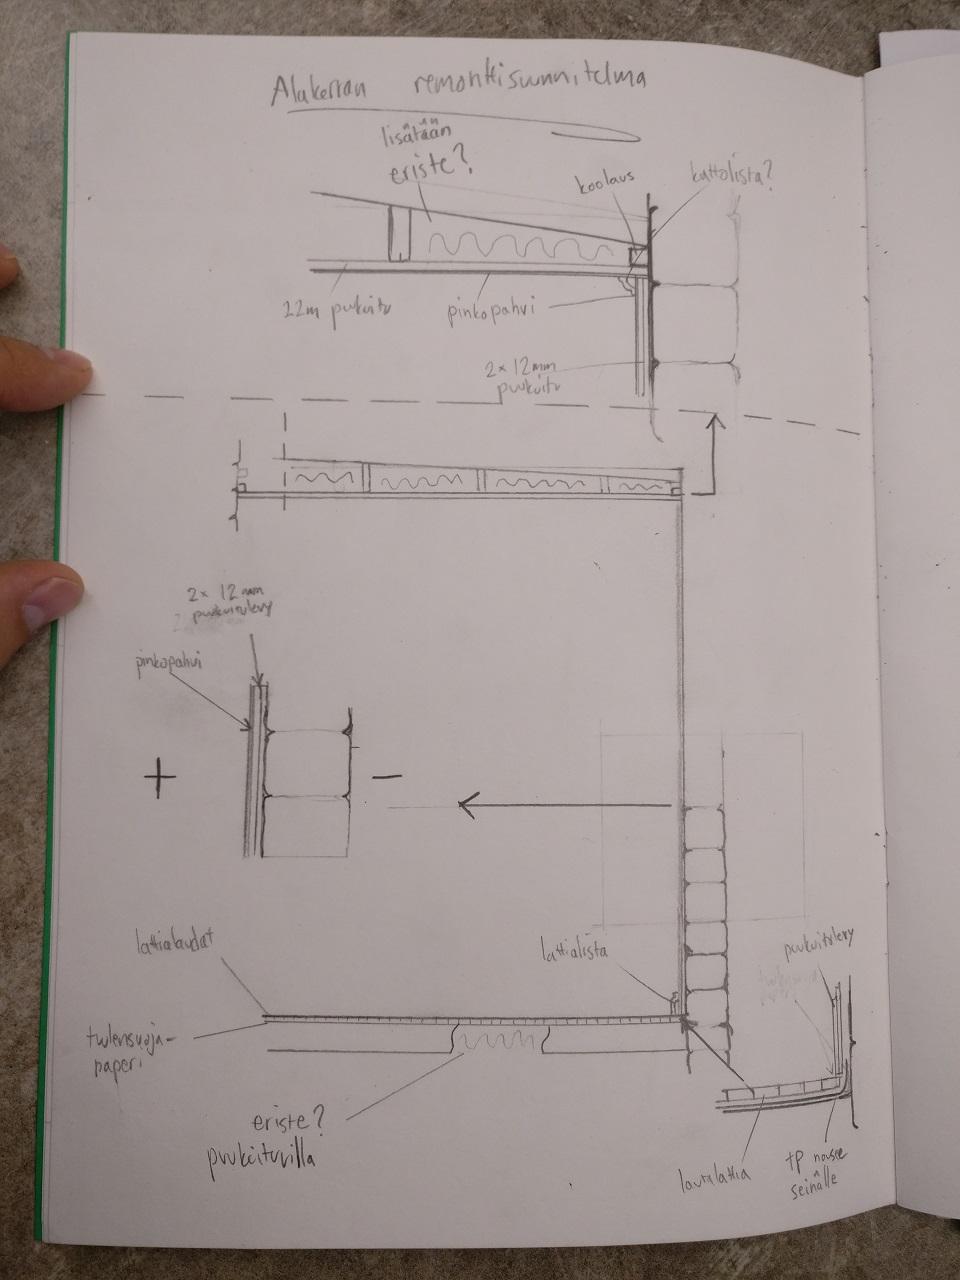 puutalokapylassa_alarran_pintojen_suunnittelu